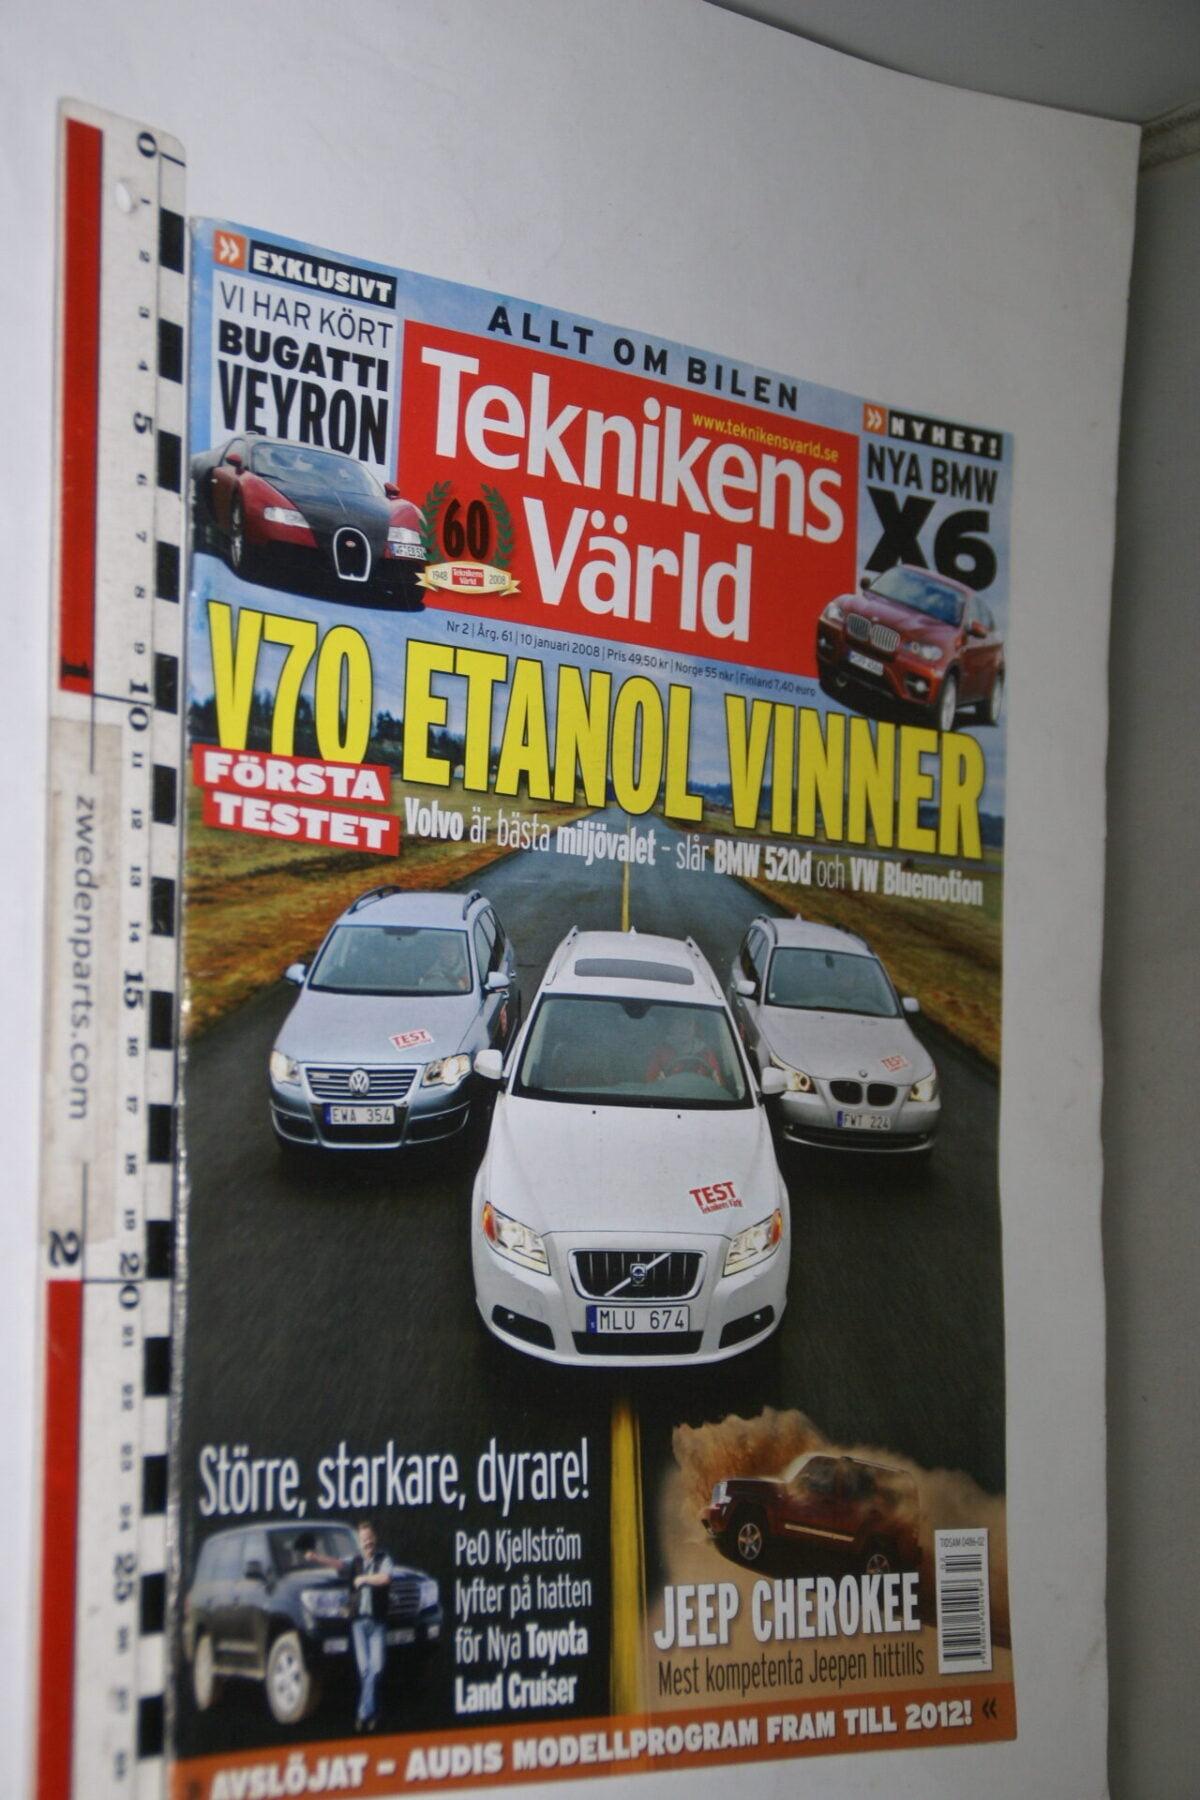 DSC08078 tijdschrift Teknikens Värld 10 januari 2008 met Volvo V70, Svenska-cf1382ce